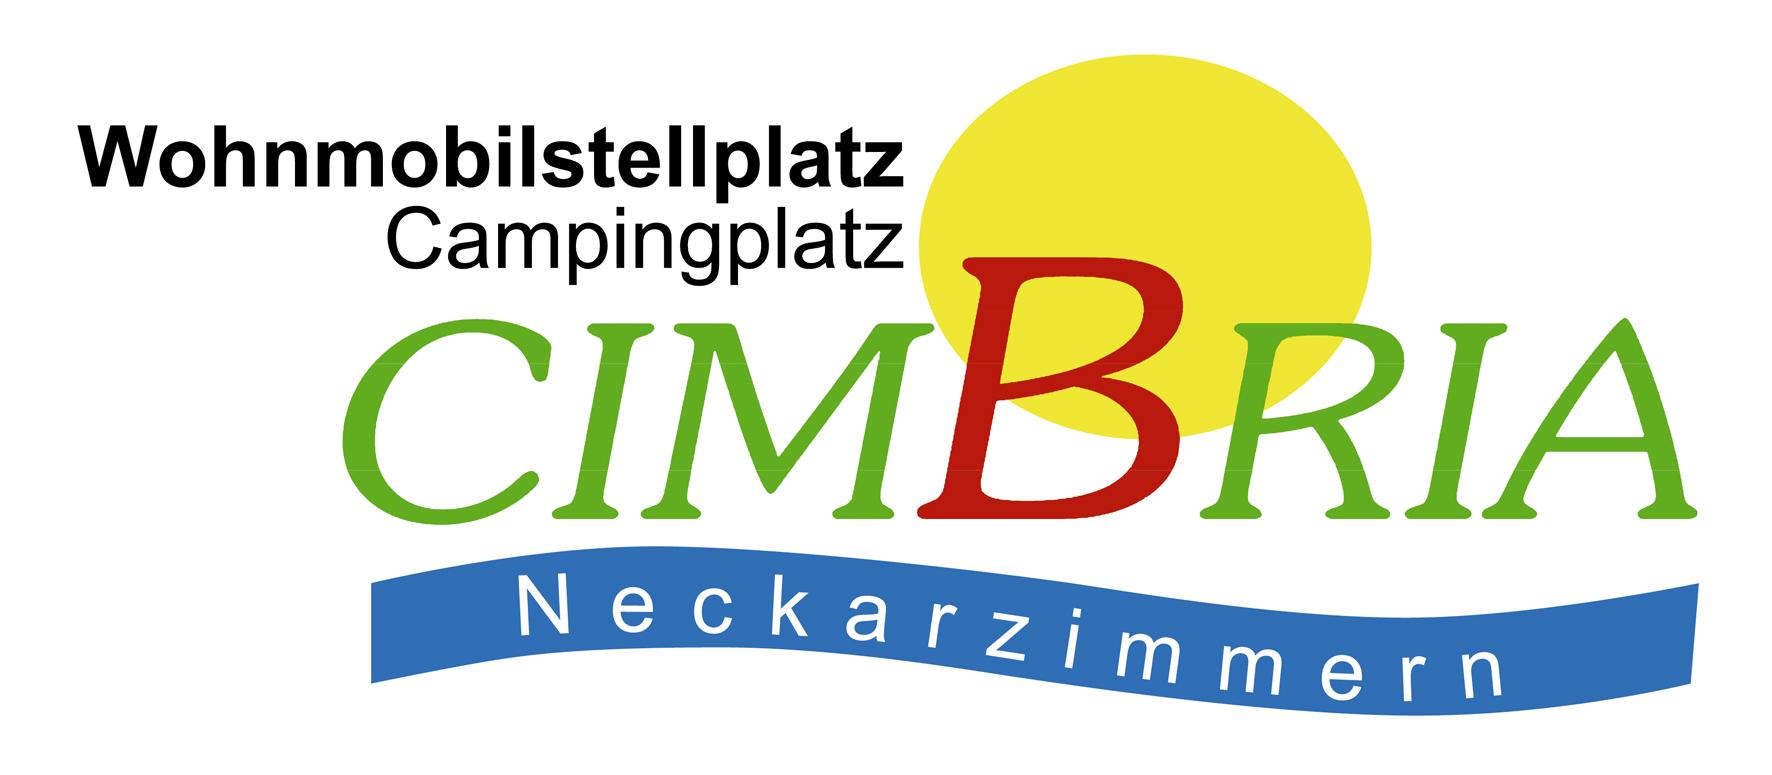 Wohnmobilstellplatz Campingplatz Cimbria Neckarzimmern